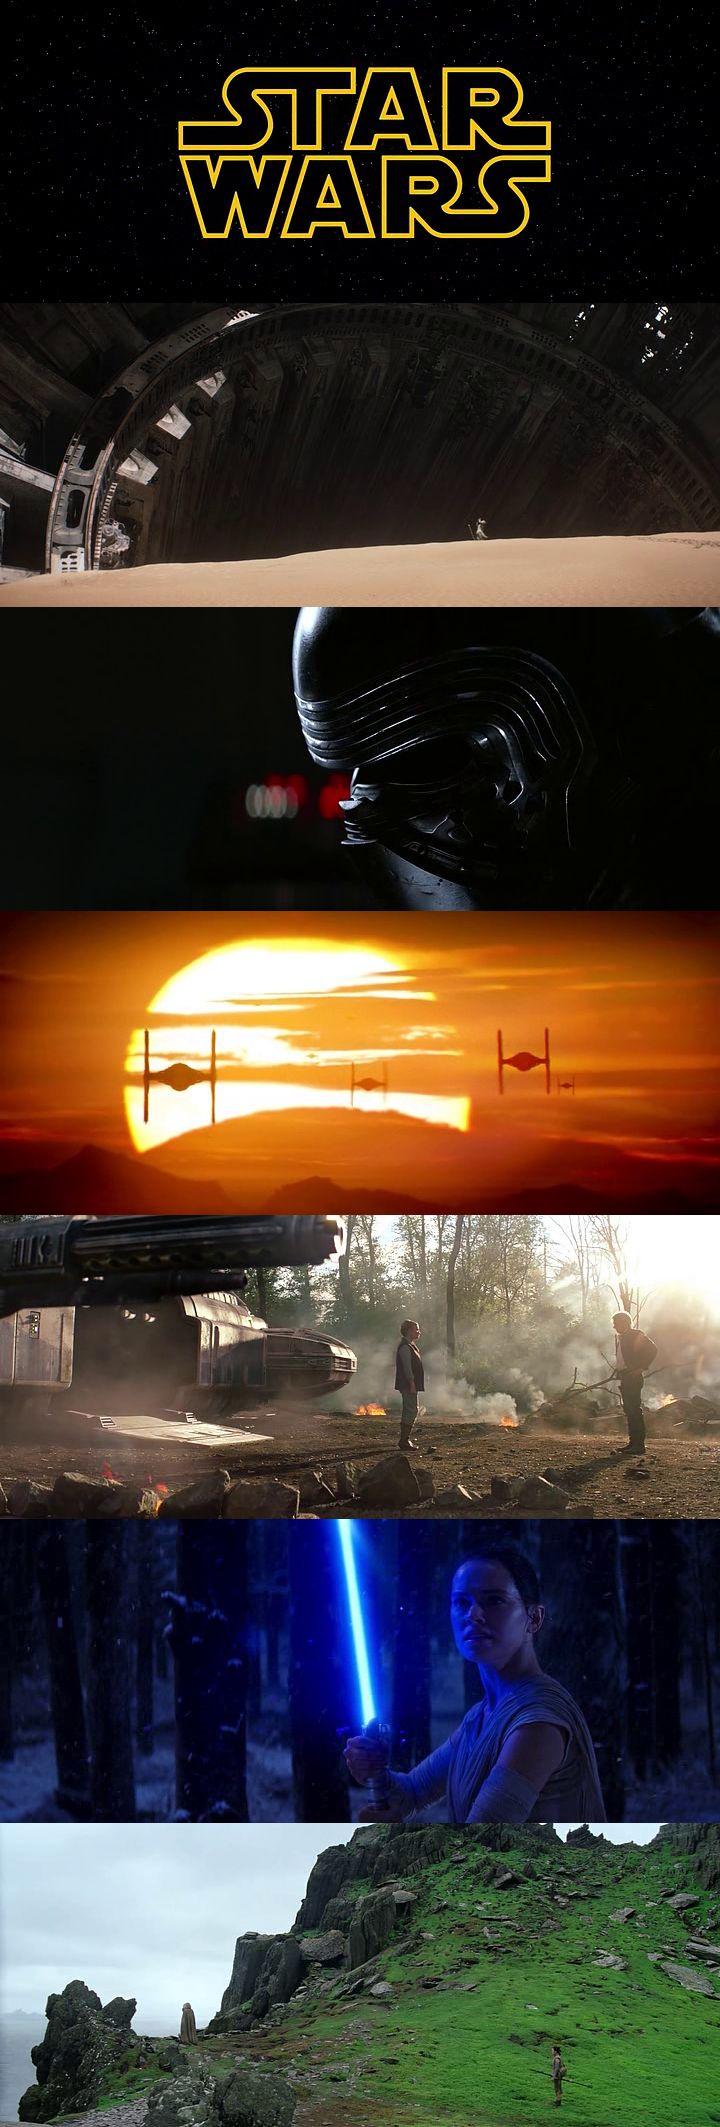 Star Wars VII (2015)